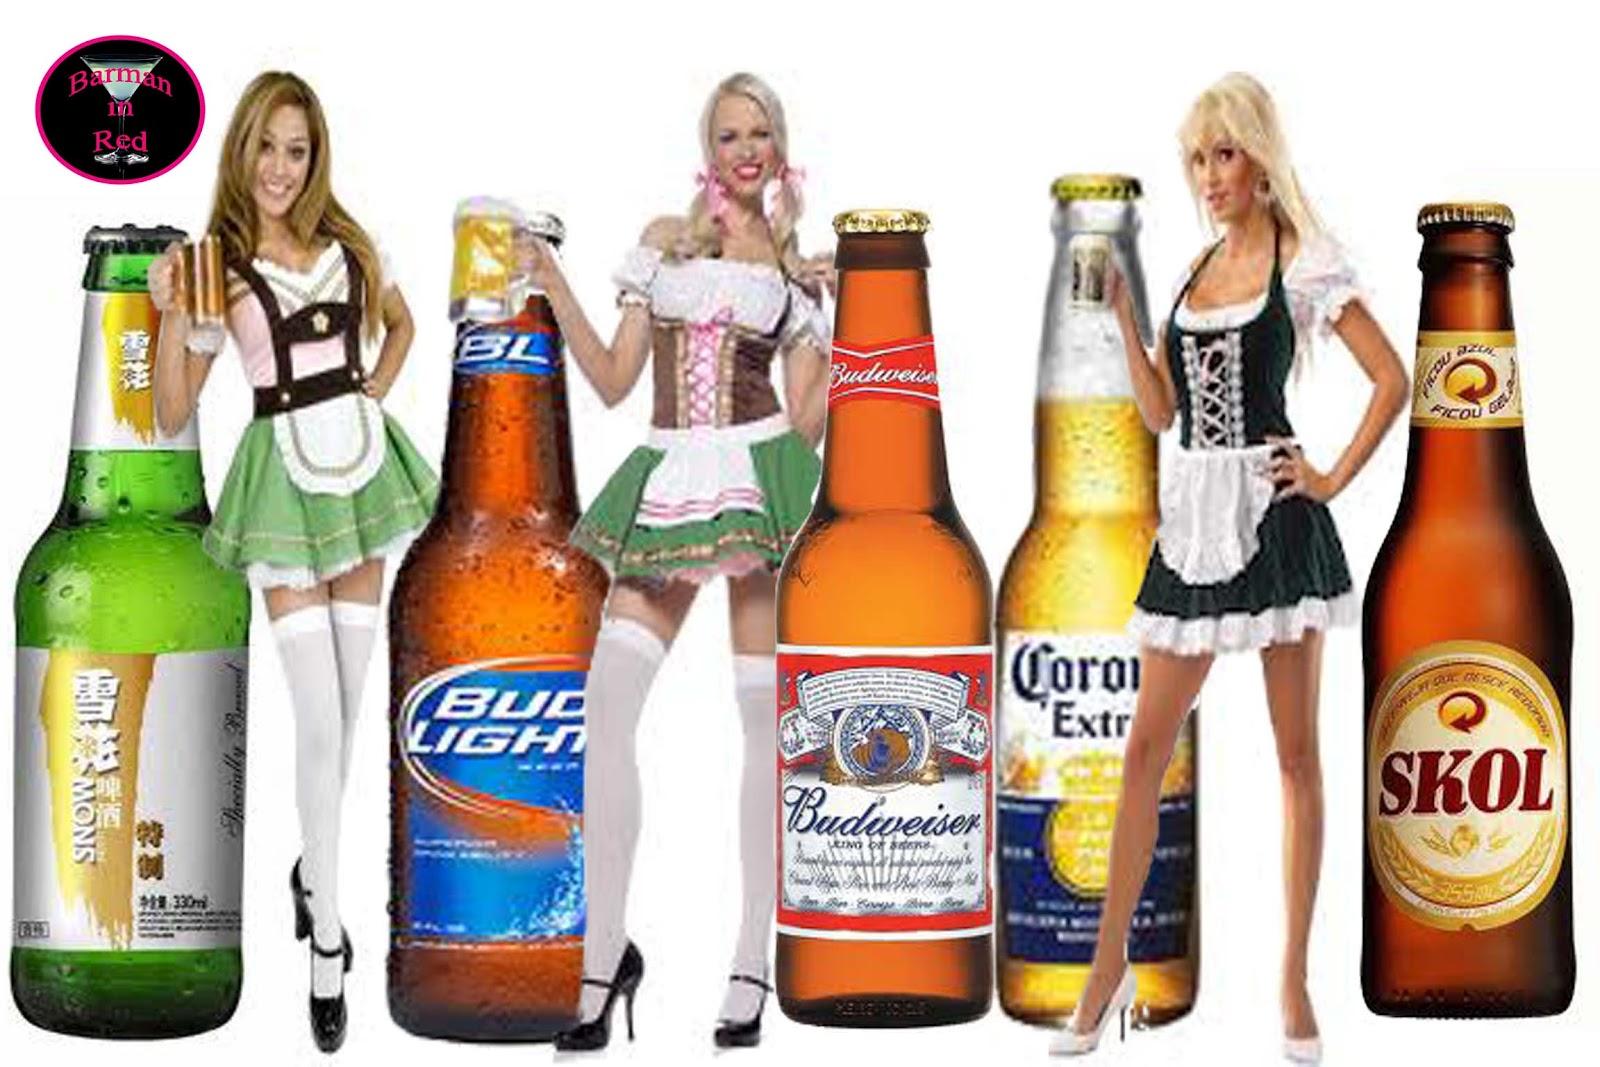 de barriles de la bebida más popular del planeta, la cerveza